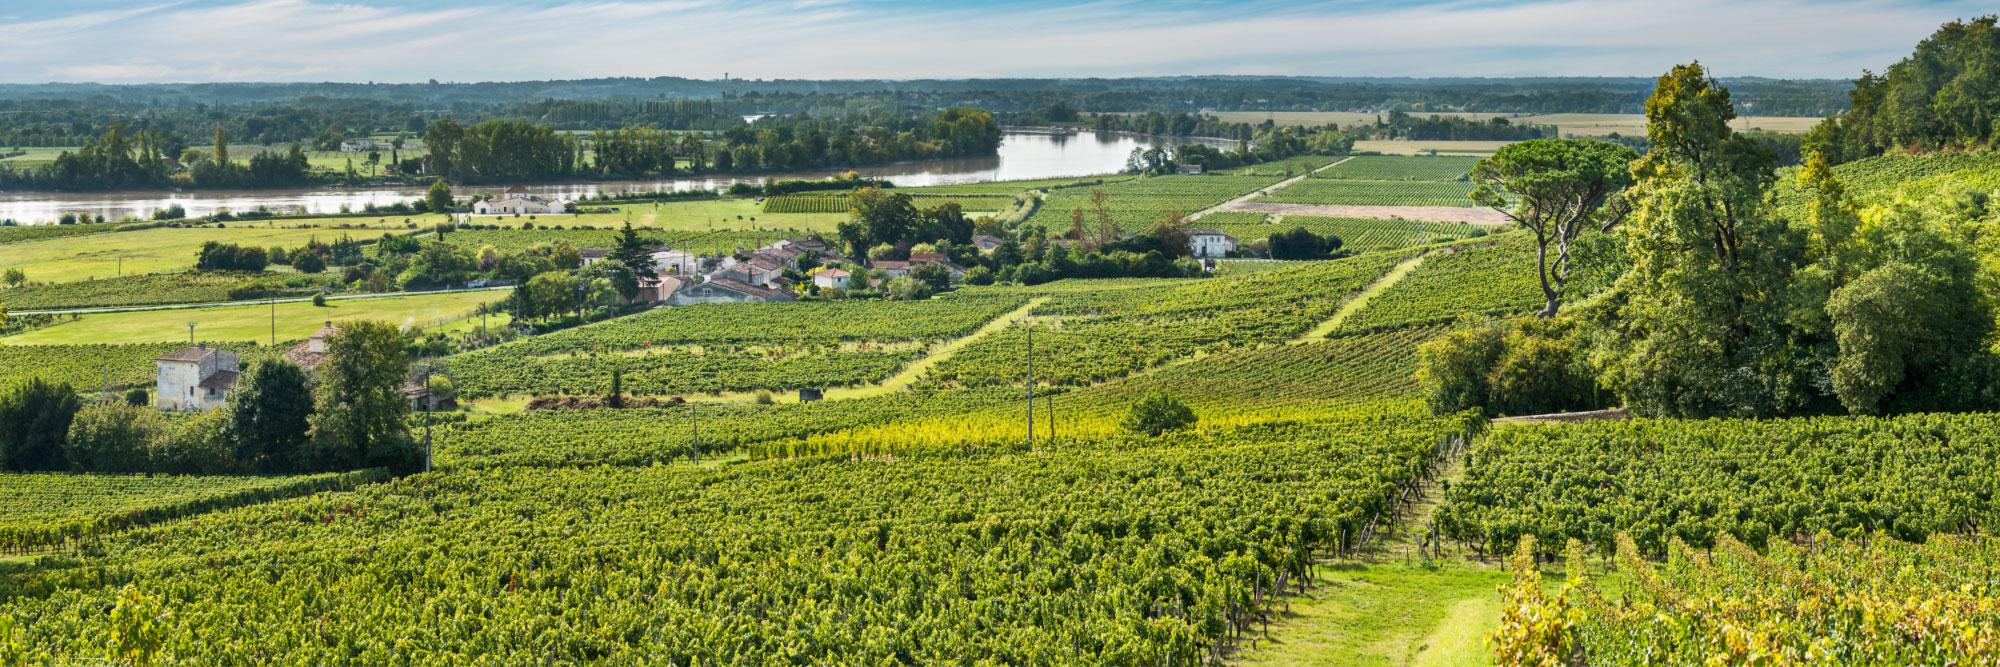 La Dordogne bordée par les vignobles de Fronsac, libournais